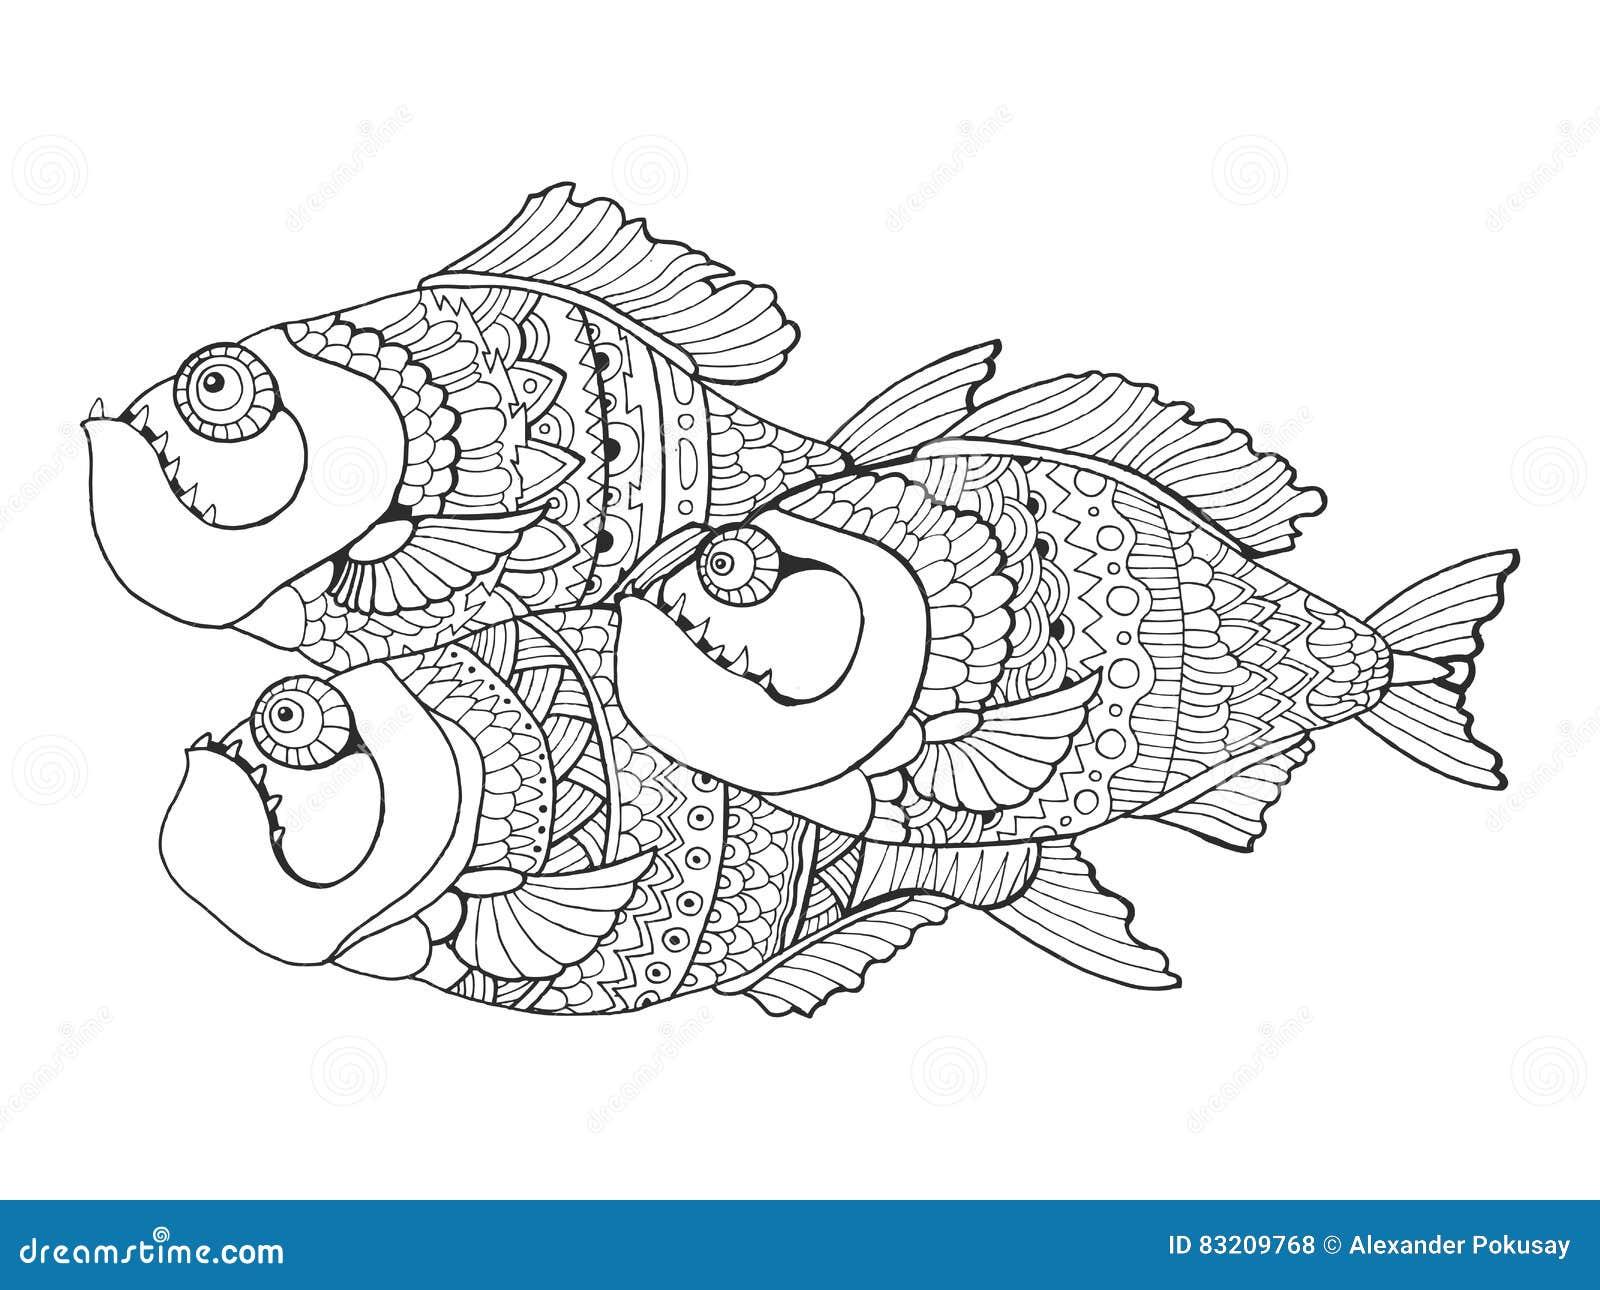 Pagine Da Colorare Per Adulti Libro Modello Astratto: Libro Da Colorare Del Piranha Per Il Vettore Degli Adulti